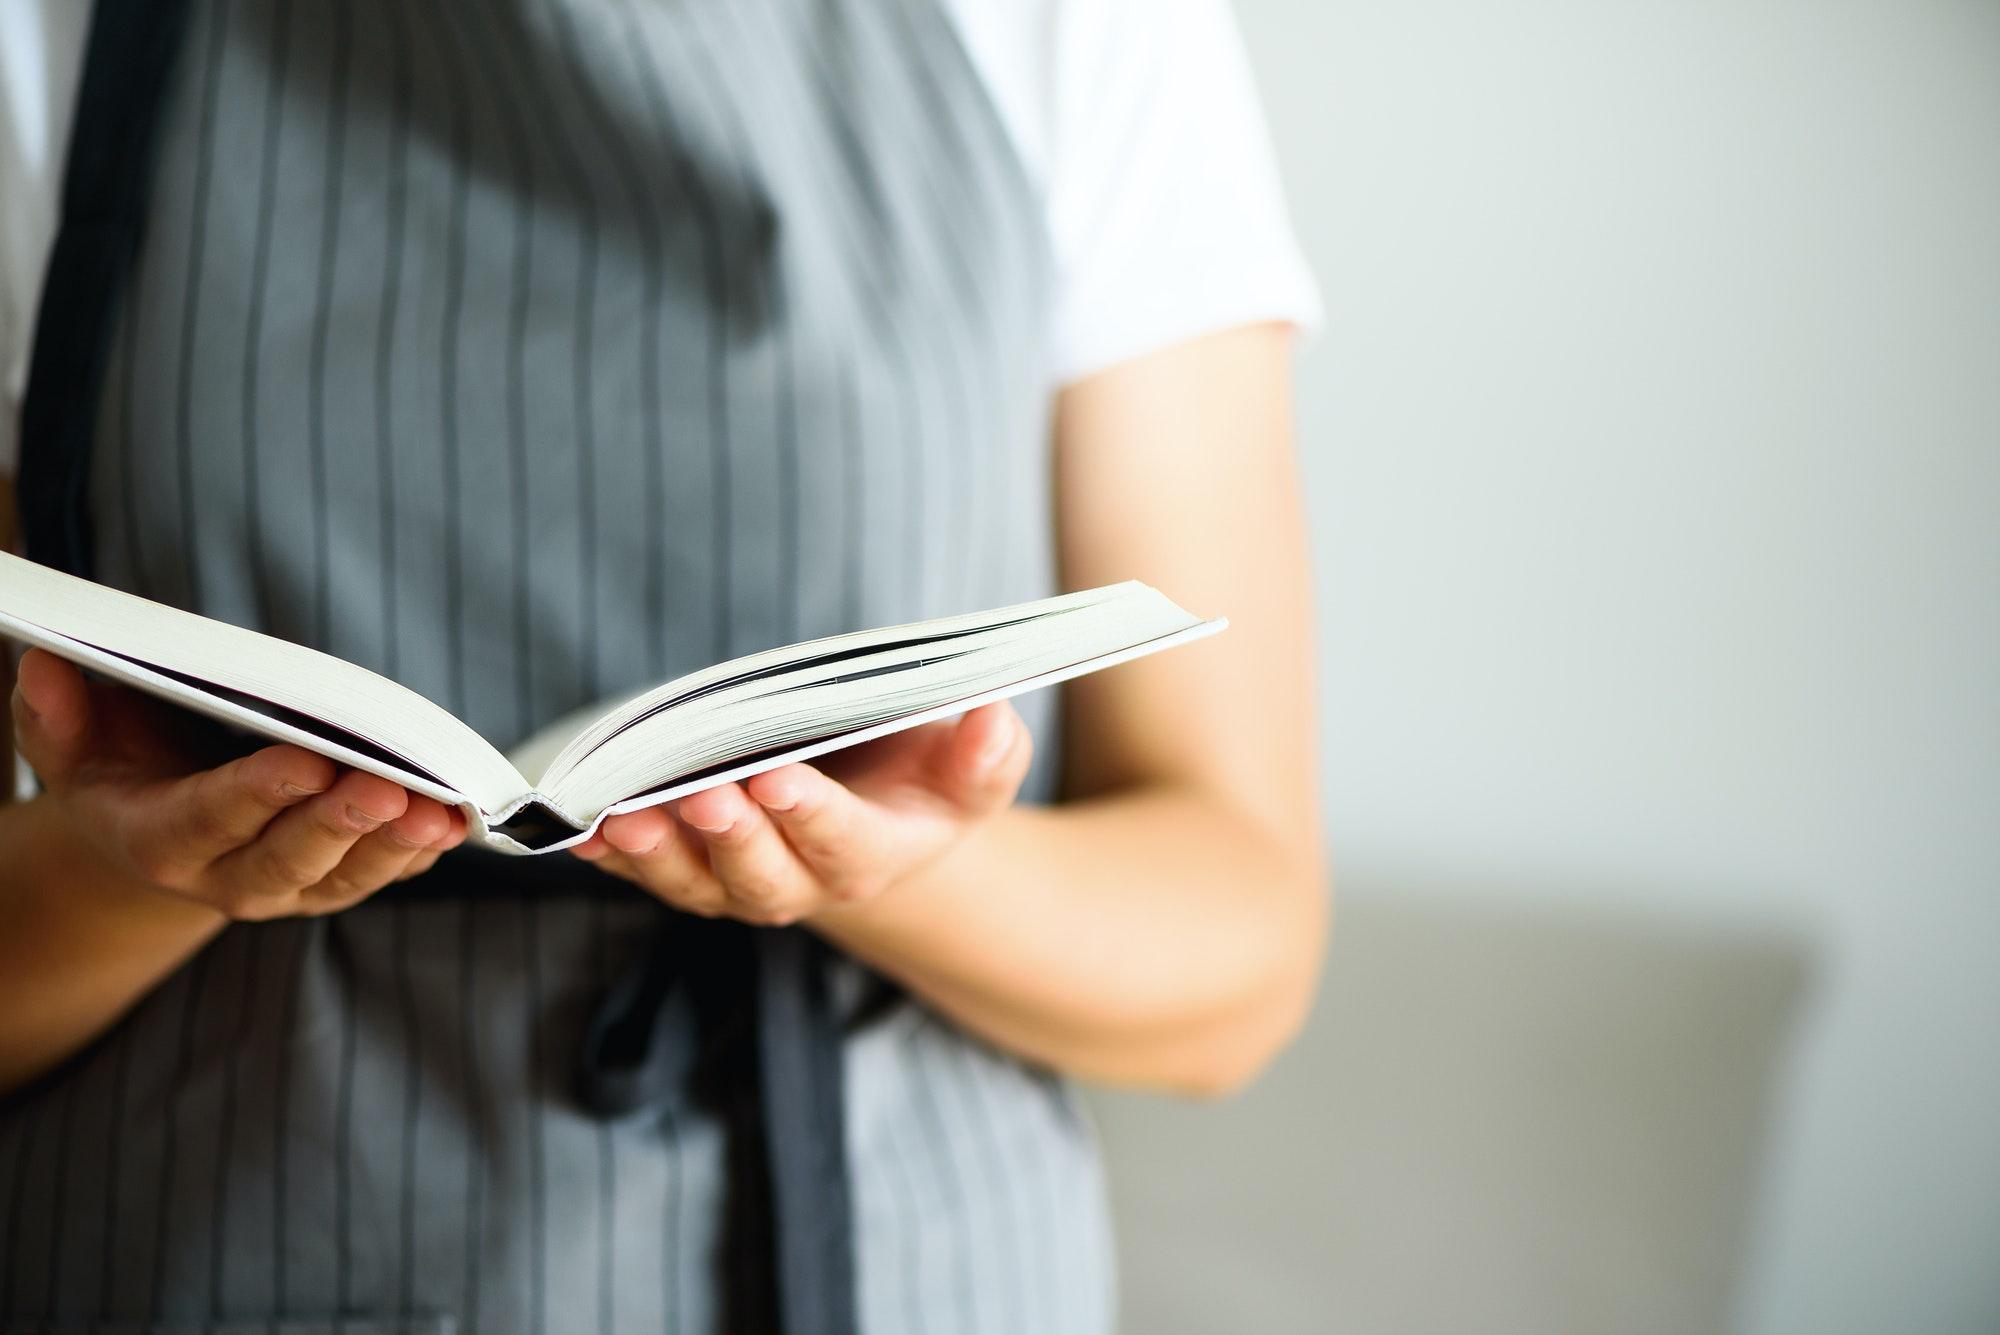 大量の本は、大量の知識を本当に私に与えてくれたのだろうか、と向き合った日